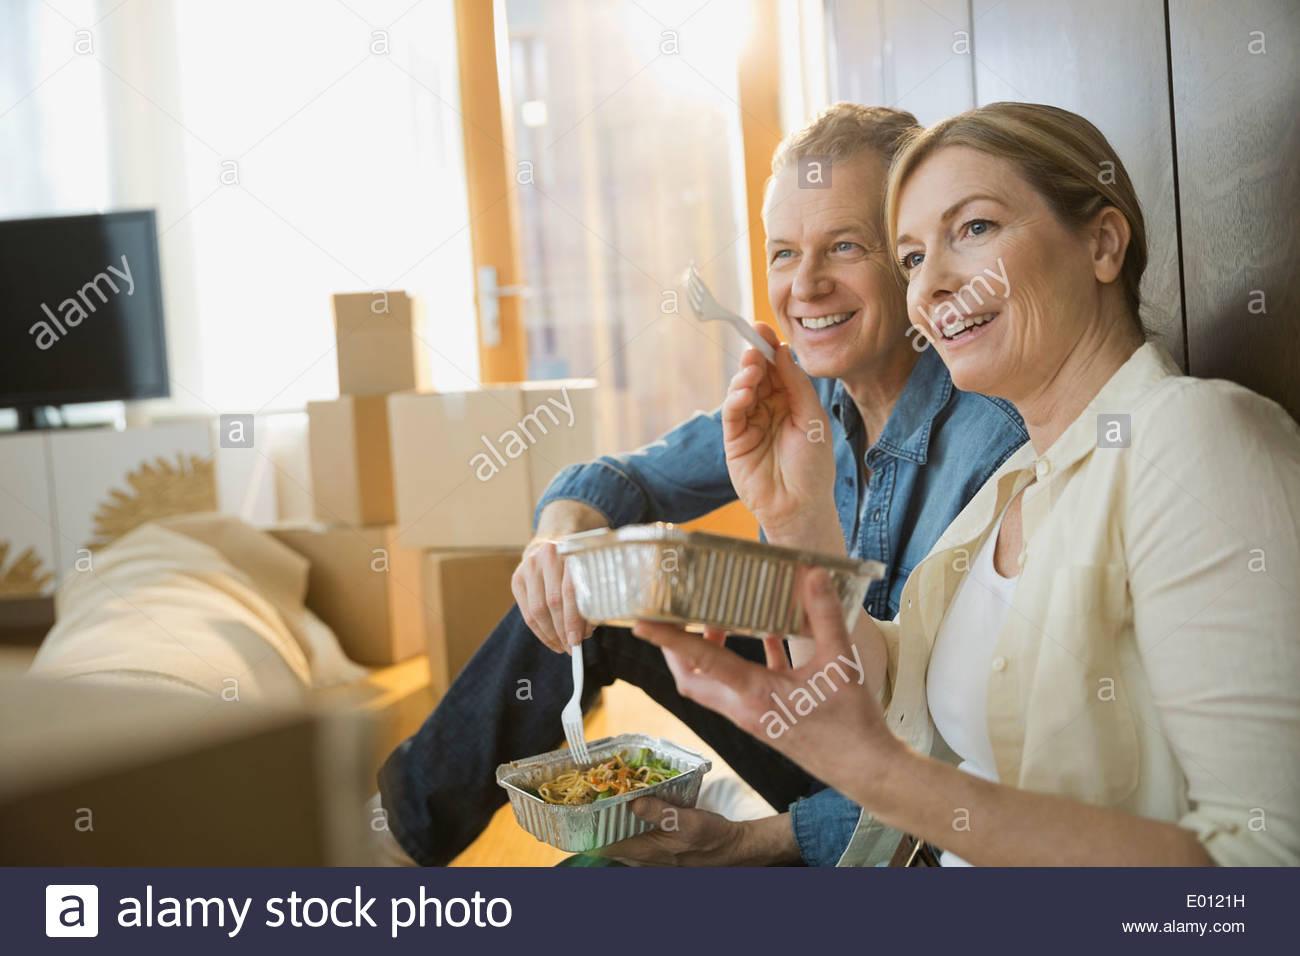 Couple eating take out food près de cartons de déménagement Photo Stock